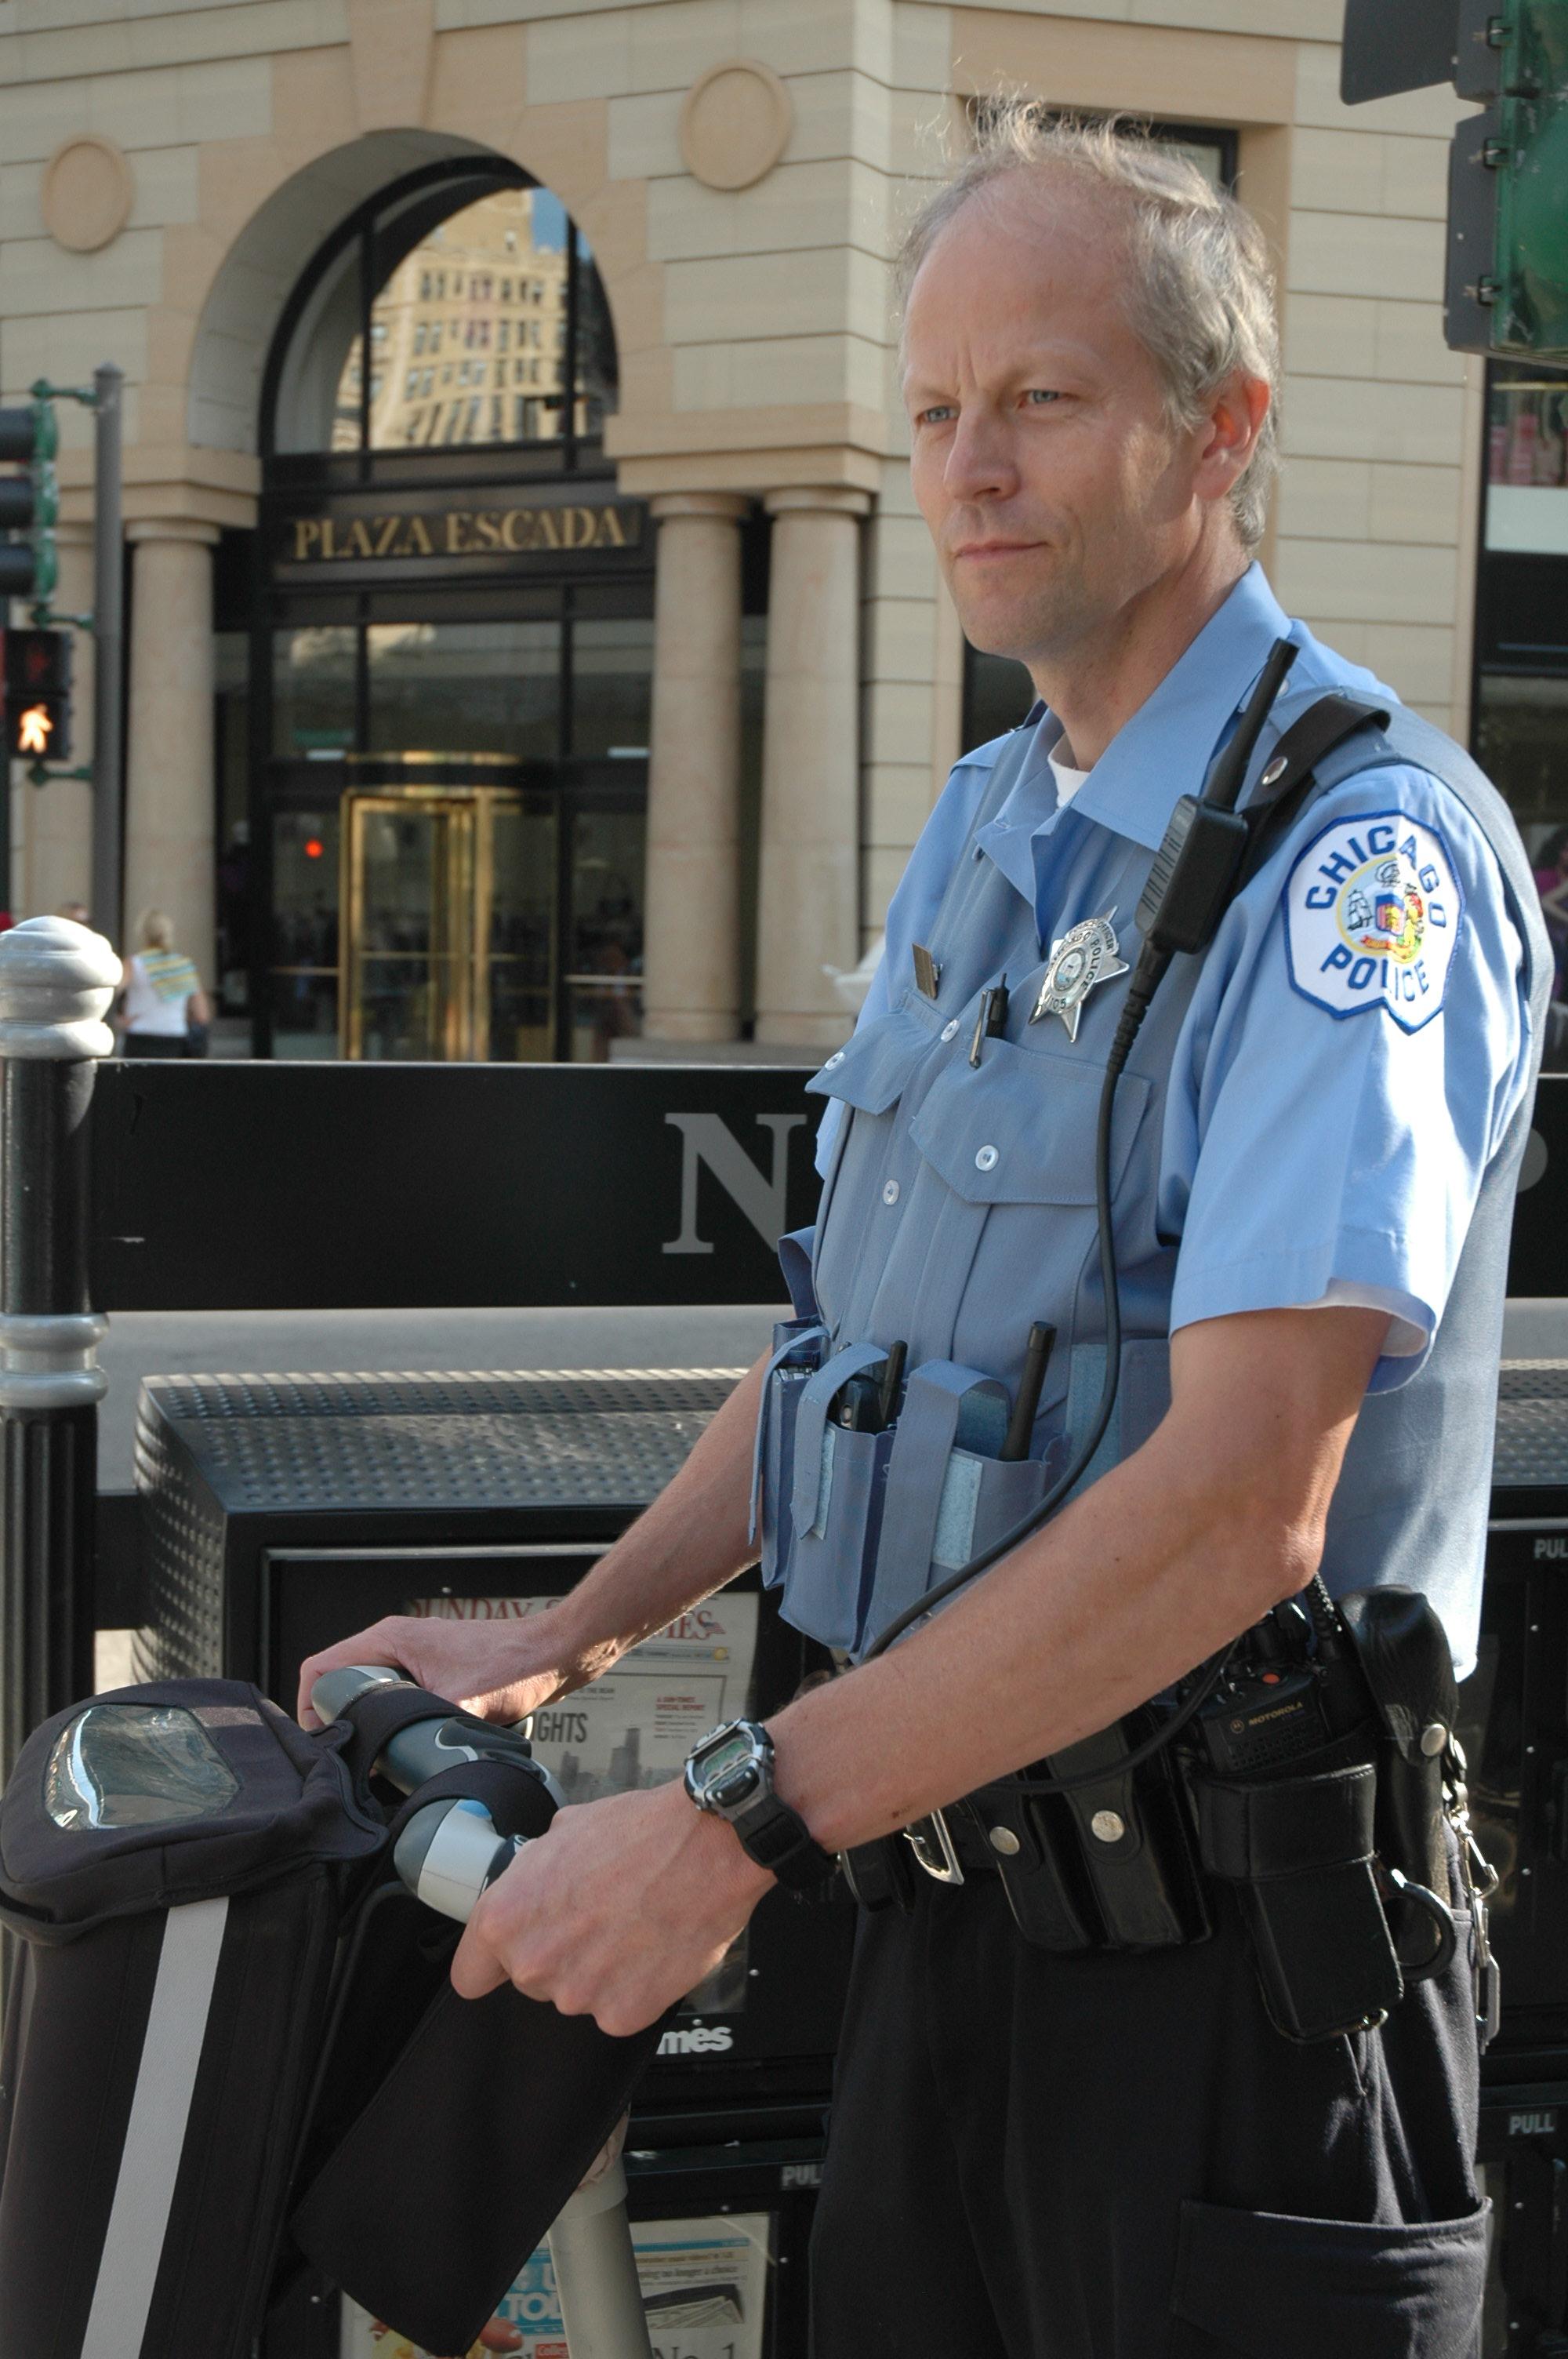 Police Officer Brett Gustafson riding segway in 2005.